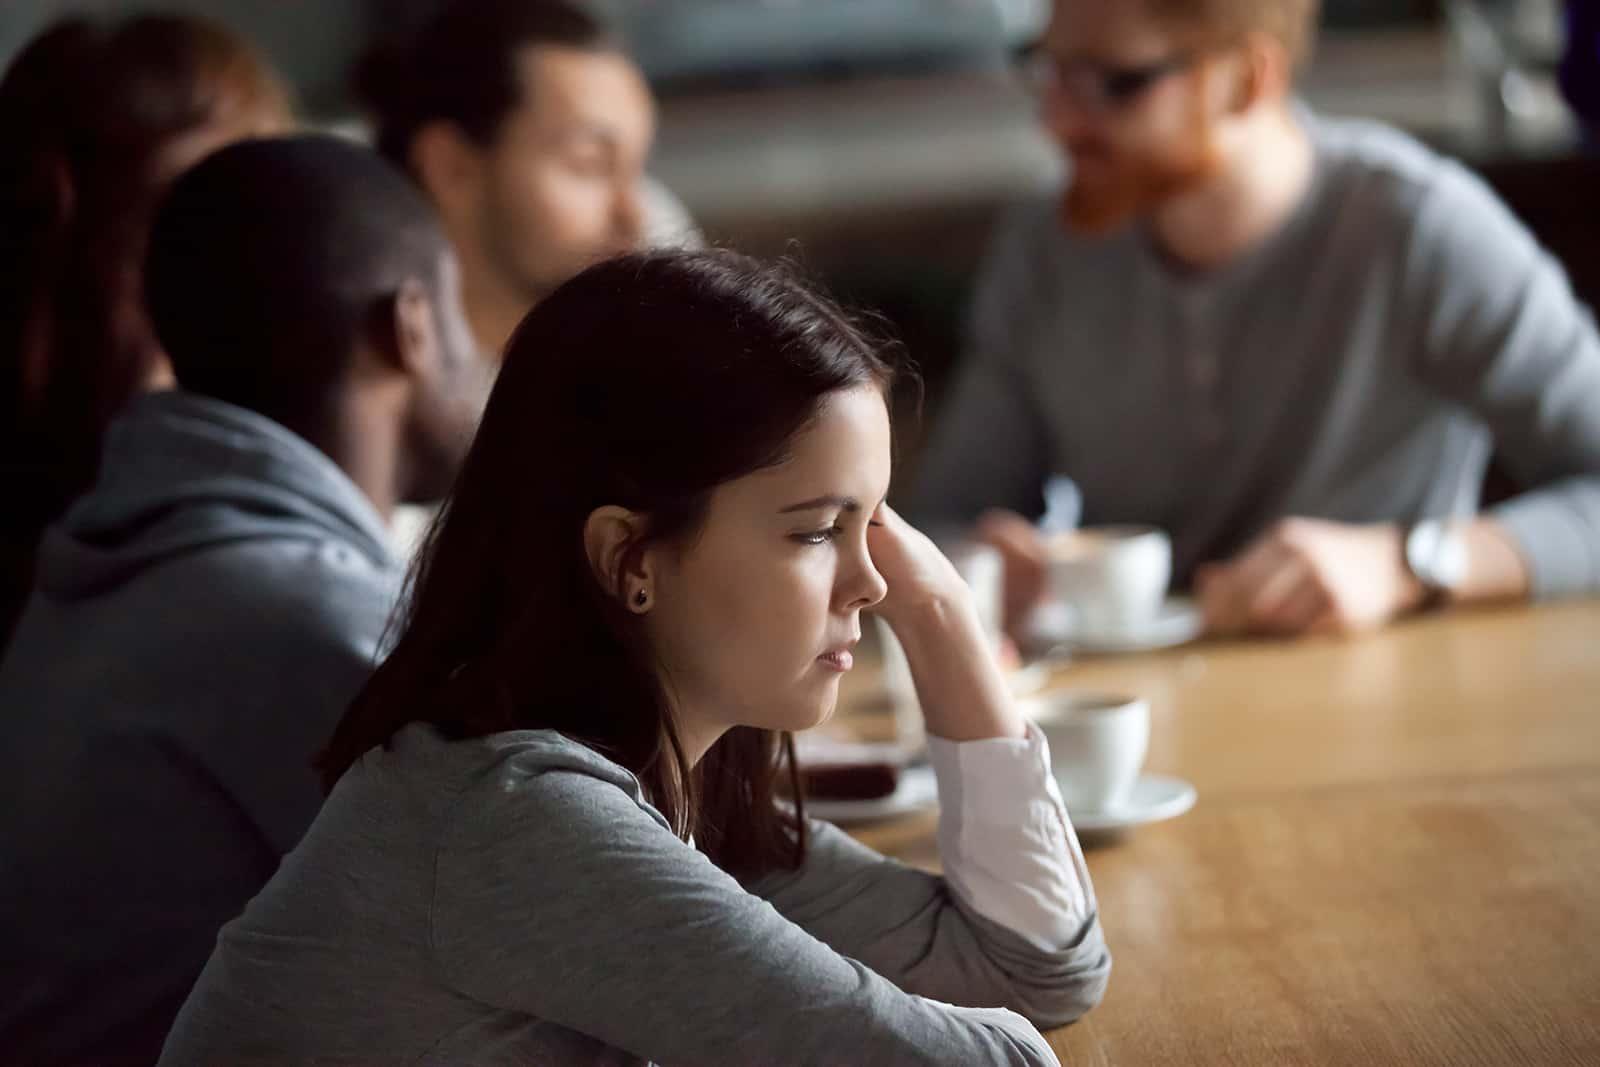 ein Mädchen, das alleine sitzt und Freunde ignoriert im Cafe sitzen